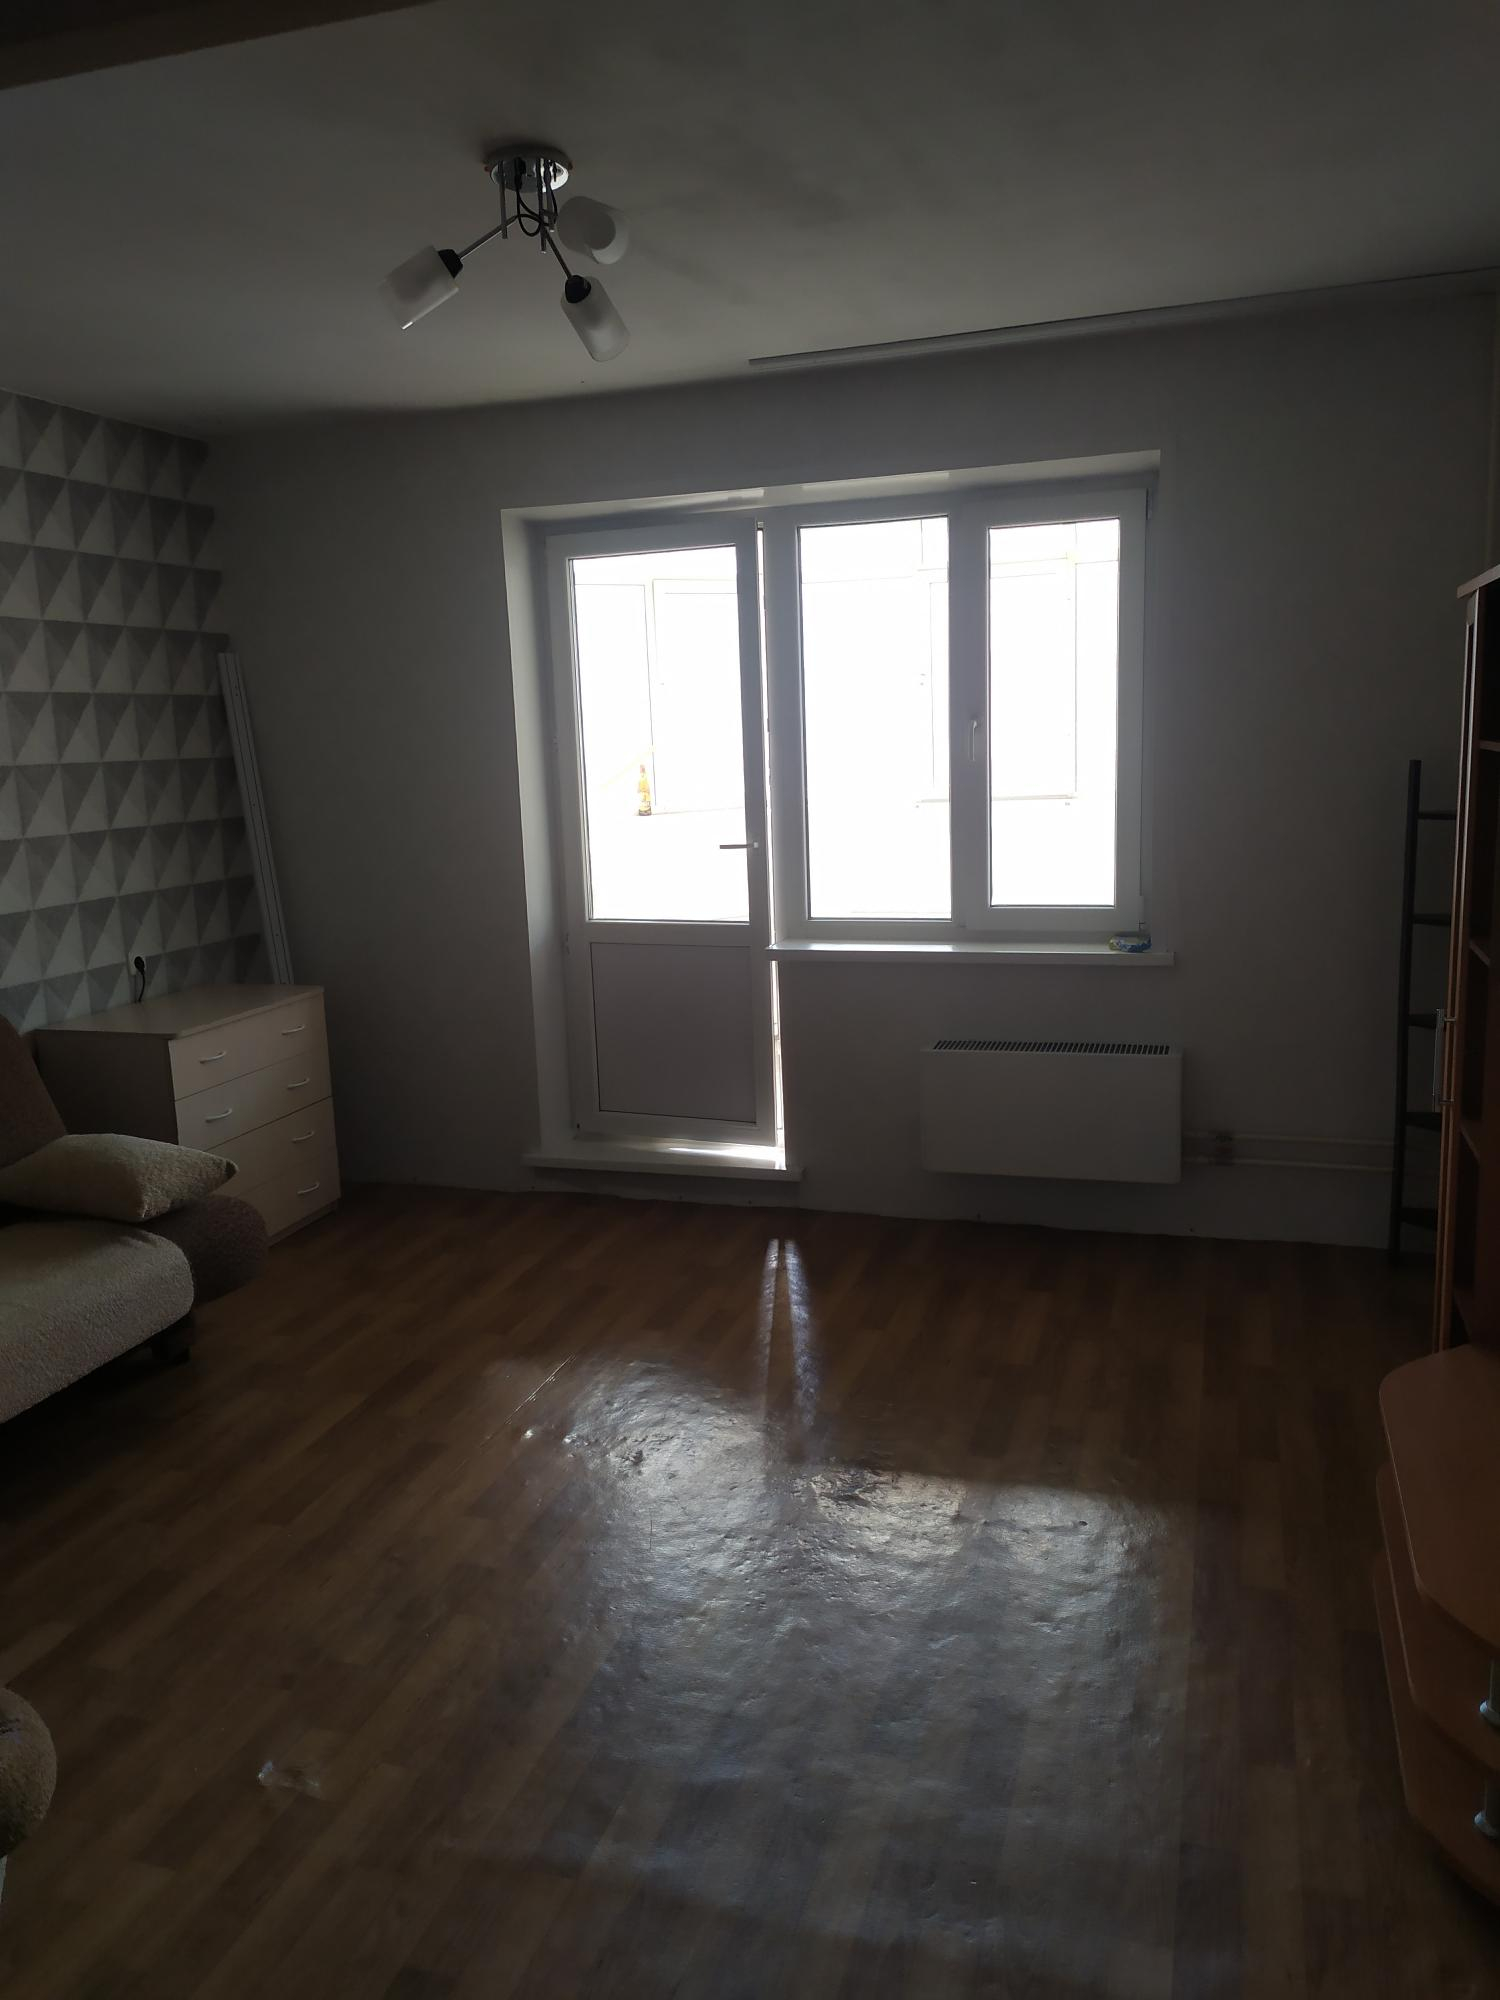 1к квартира улица Чернышевского, 104 | 14500 | аренда в Красноярске фото 2